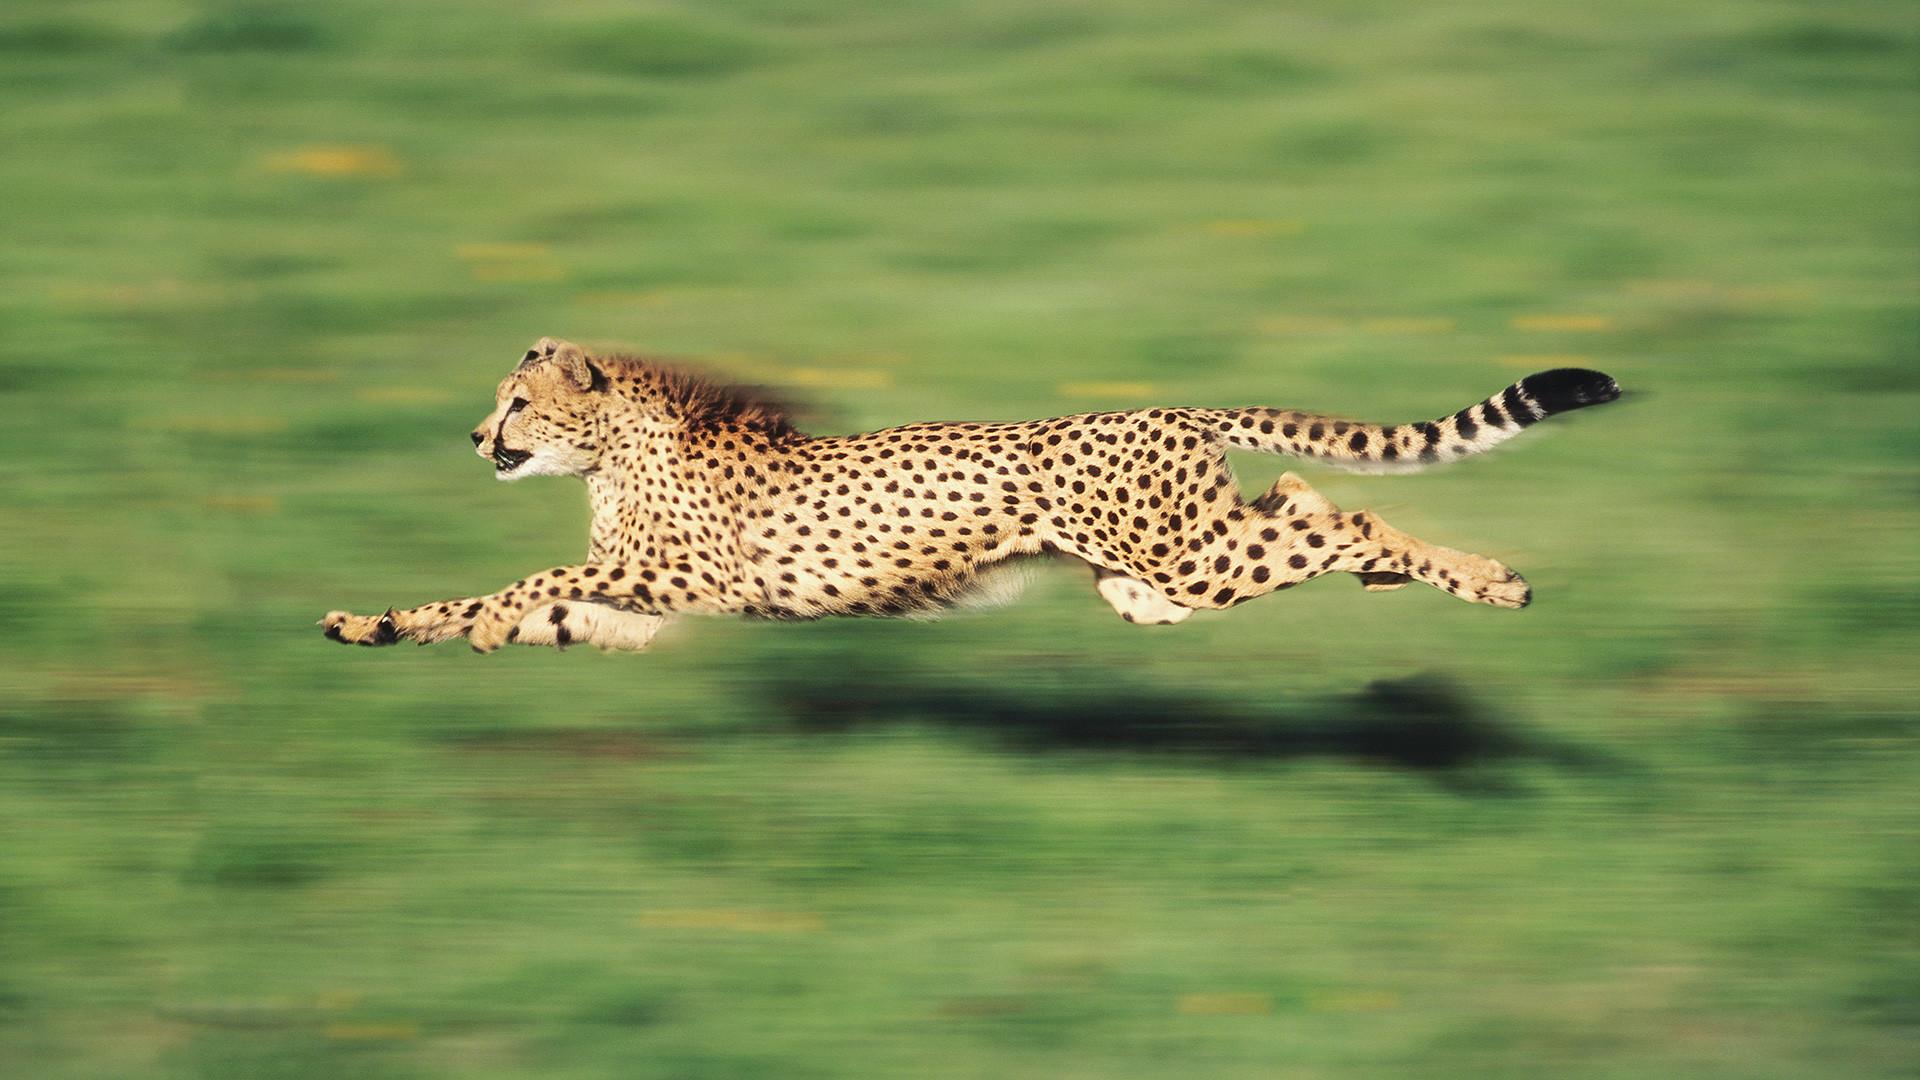 Res: 1920x1080, Cheetah Wallpaper HD Backgorunds.